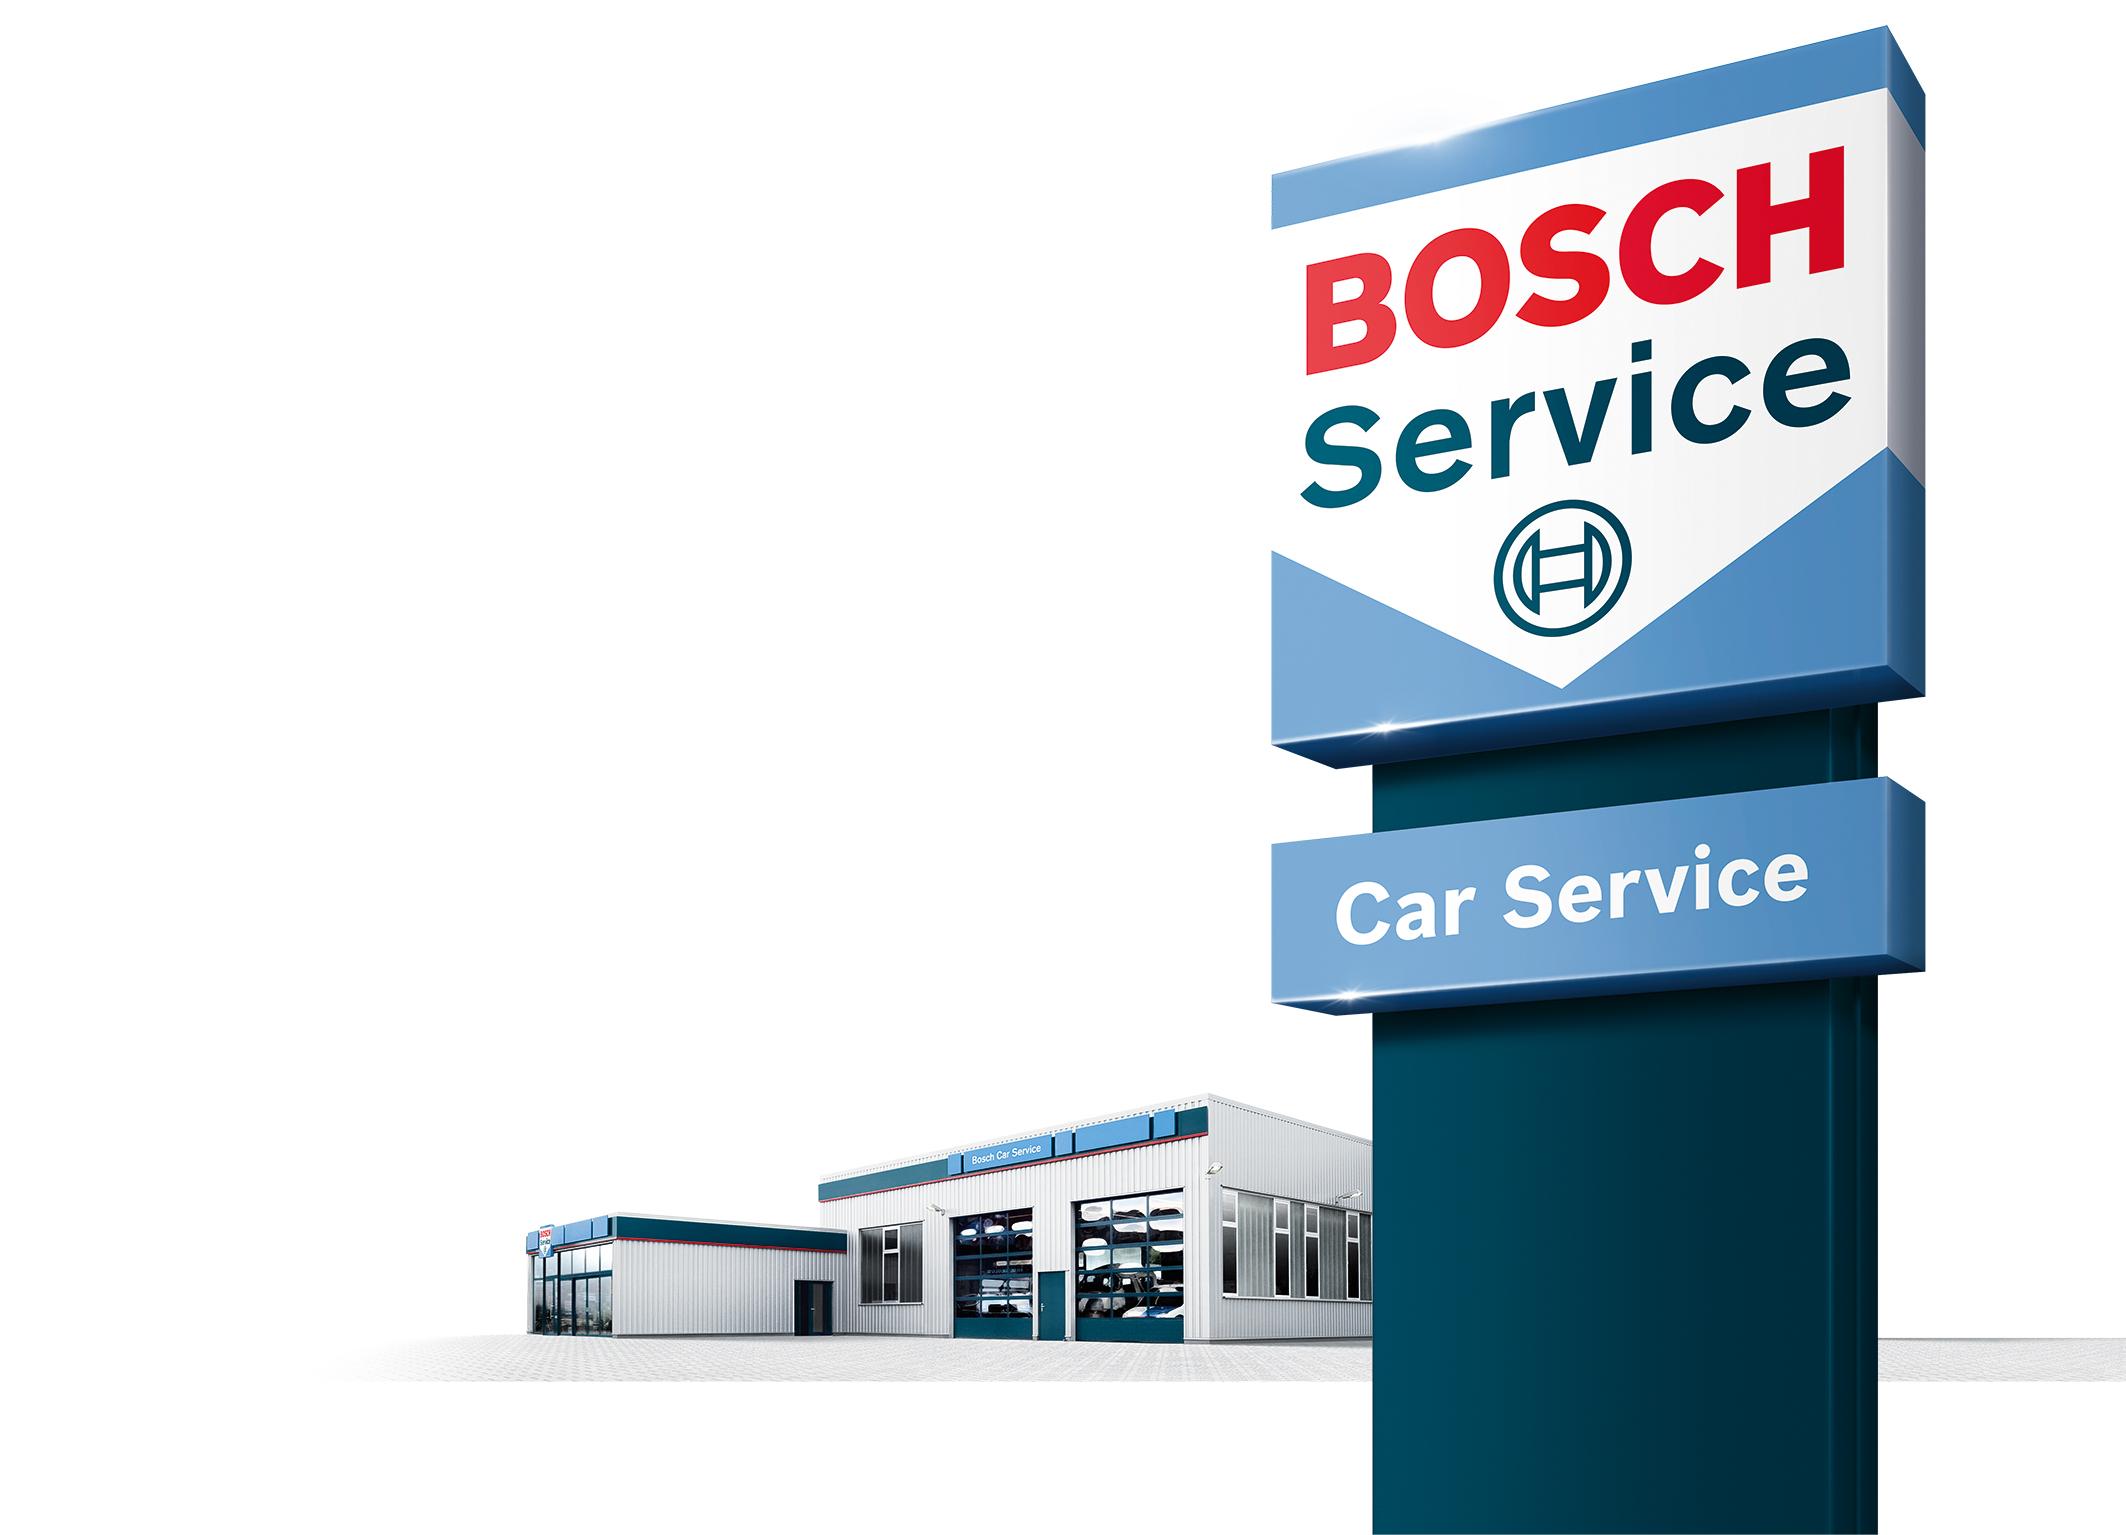 bosch-service-dakro-lublin